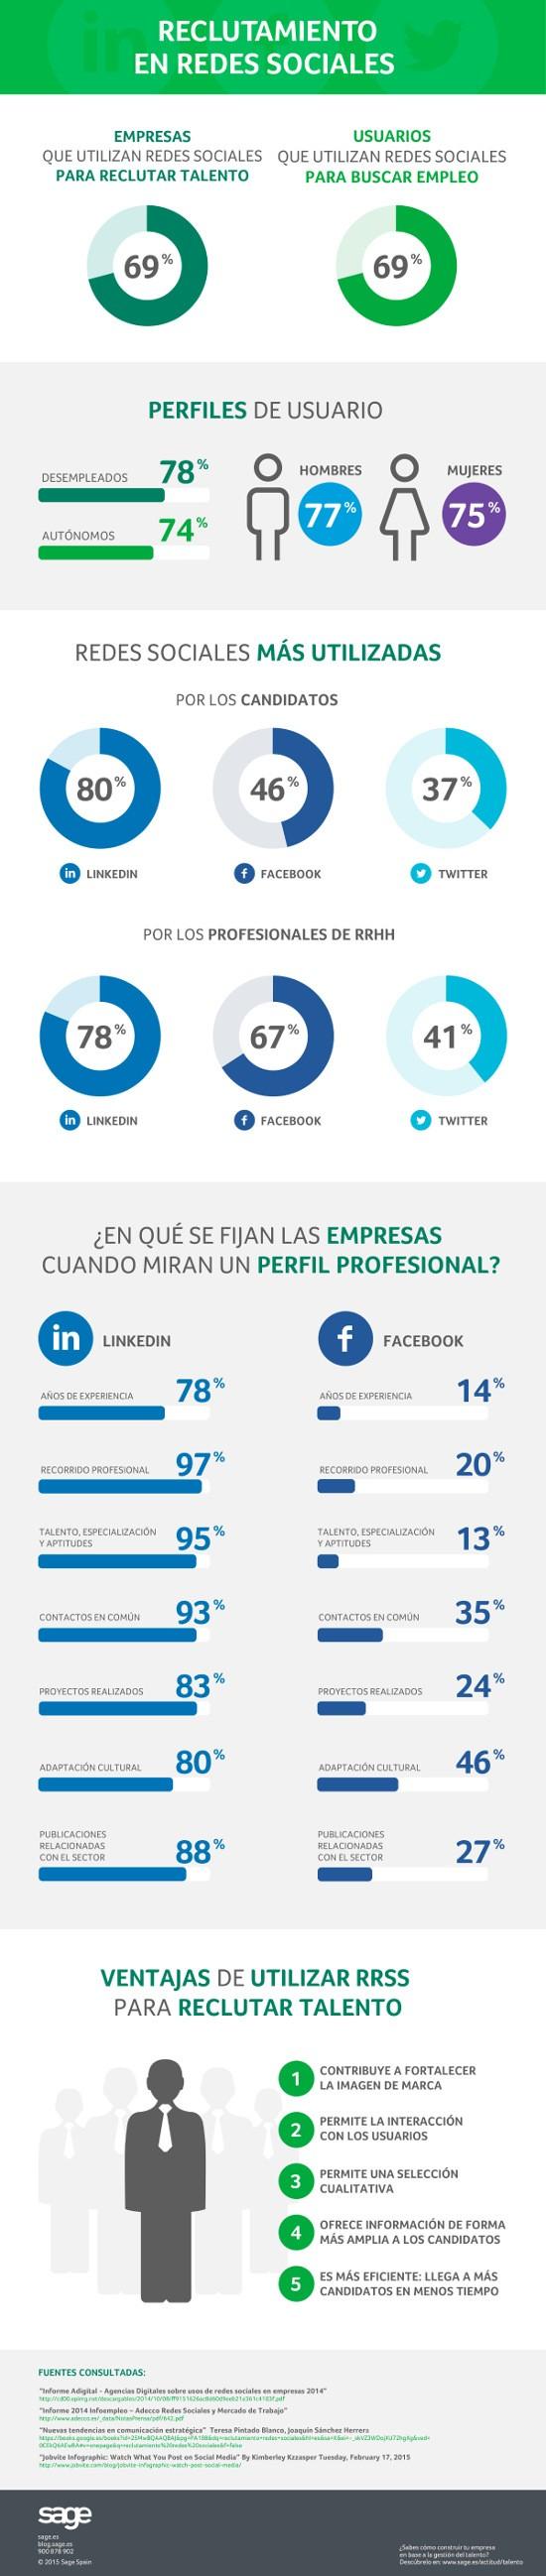 Infografia_Sage-Reclutamiento-redes-sociales-550_1